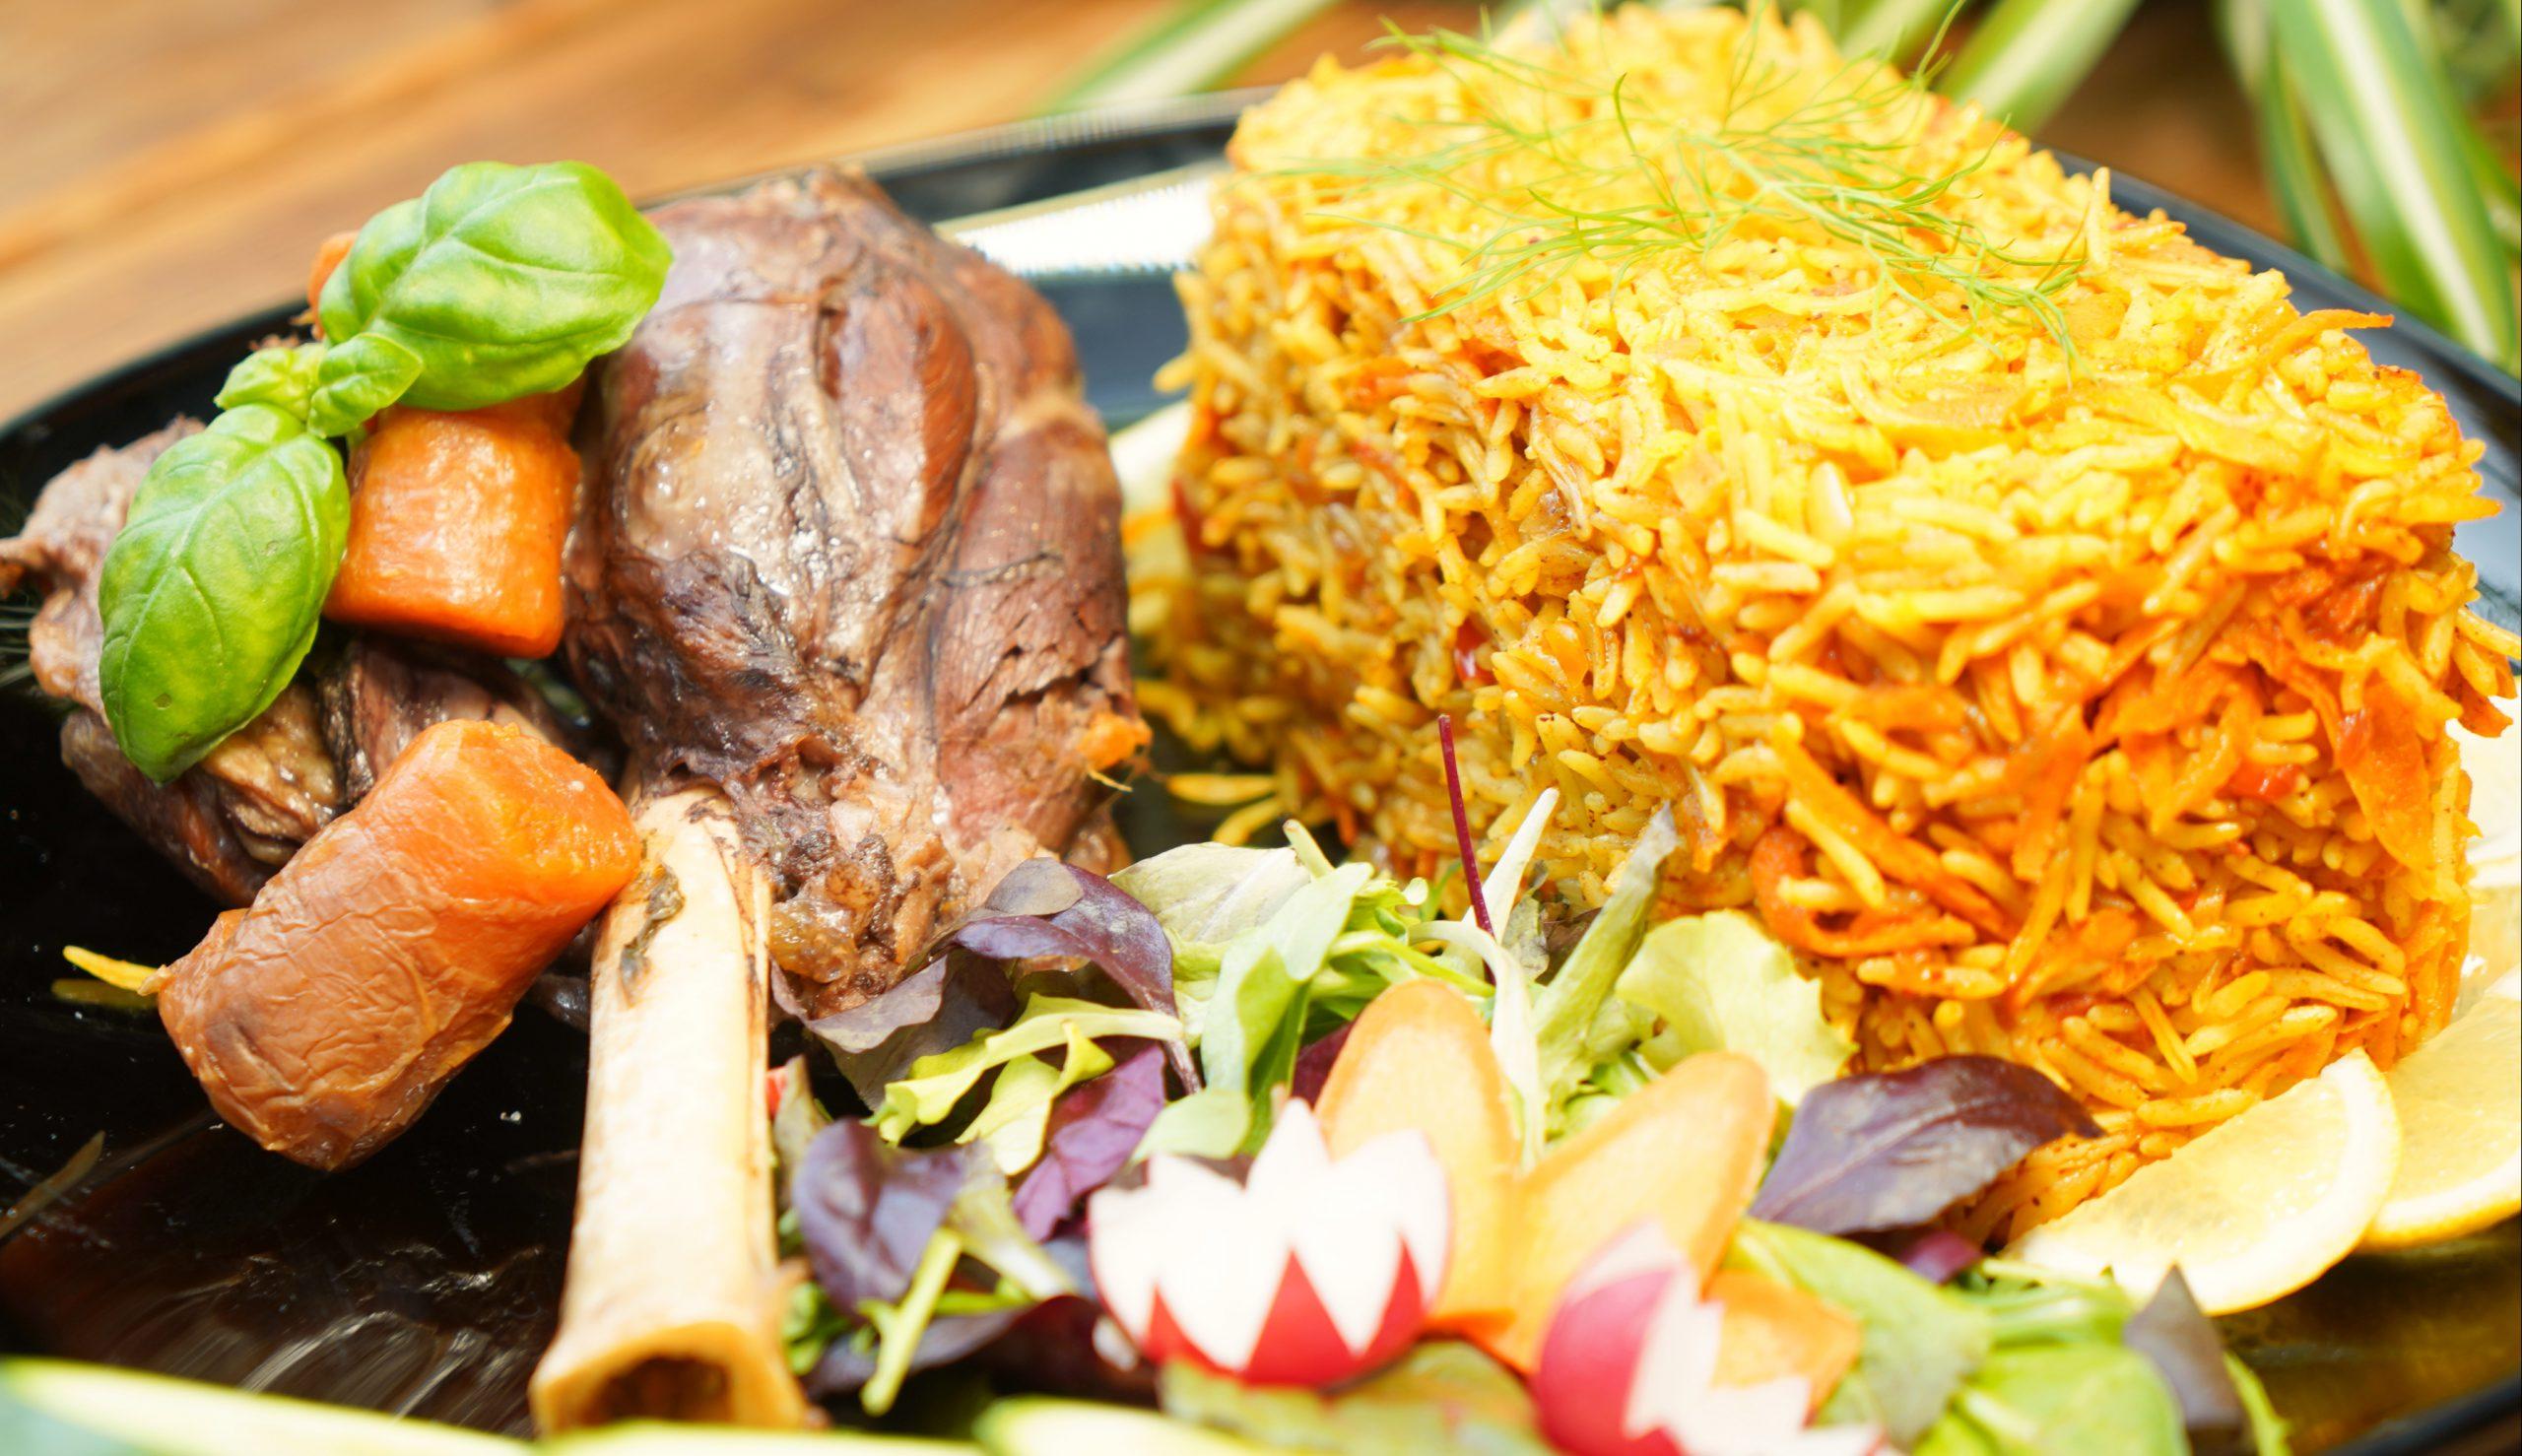 Runderstoof met rijst en groente uit de oven